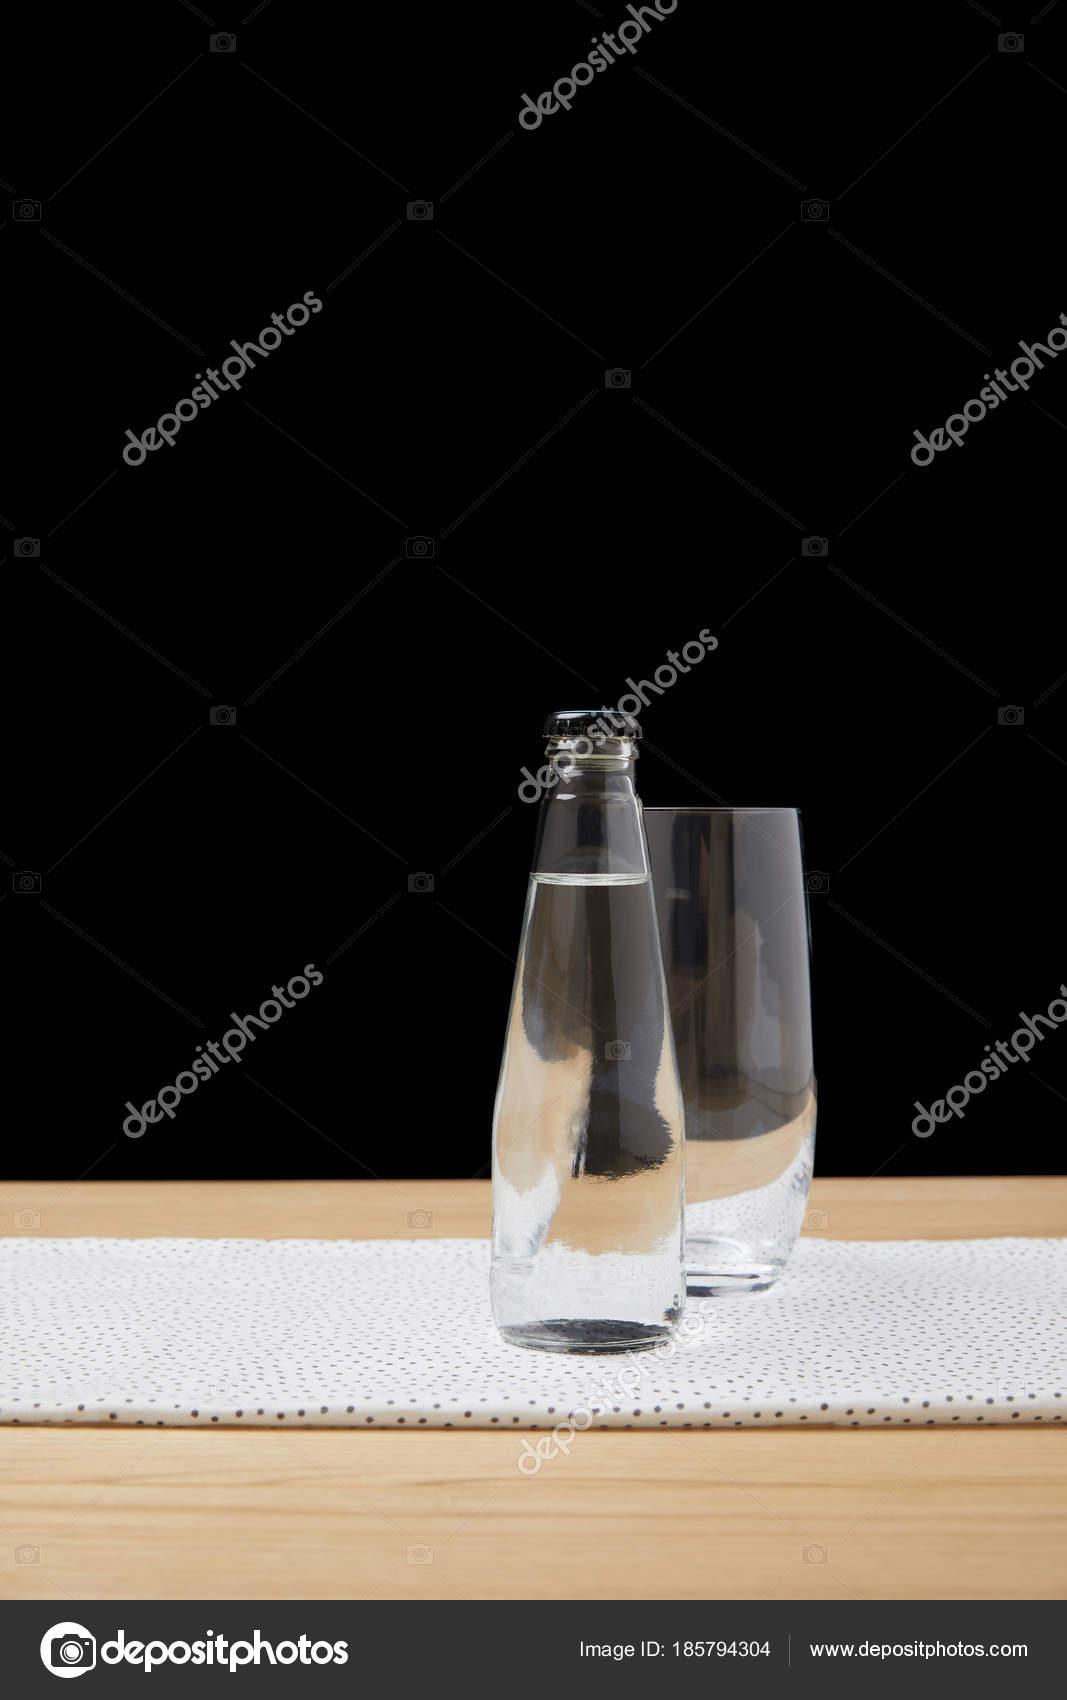 Бутылка Водой Пустой Стакан Столе Черном Фоне — Бесплатное ...